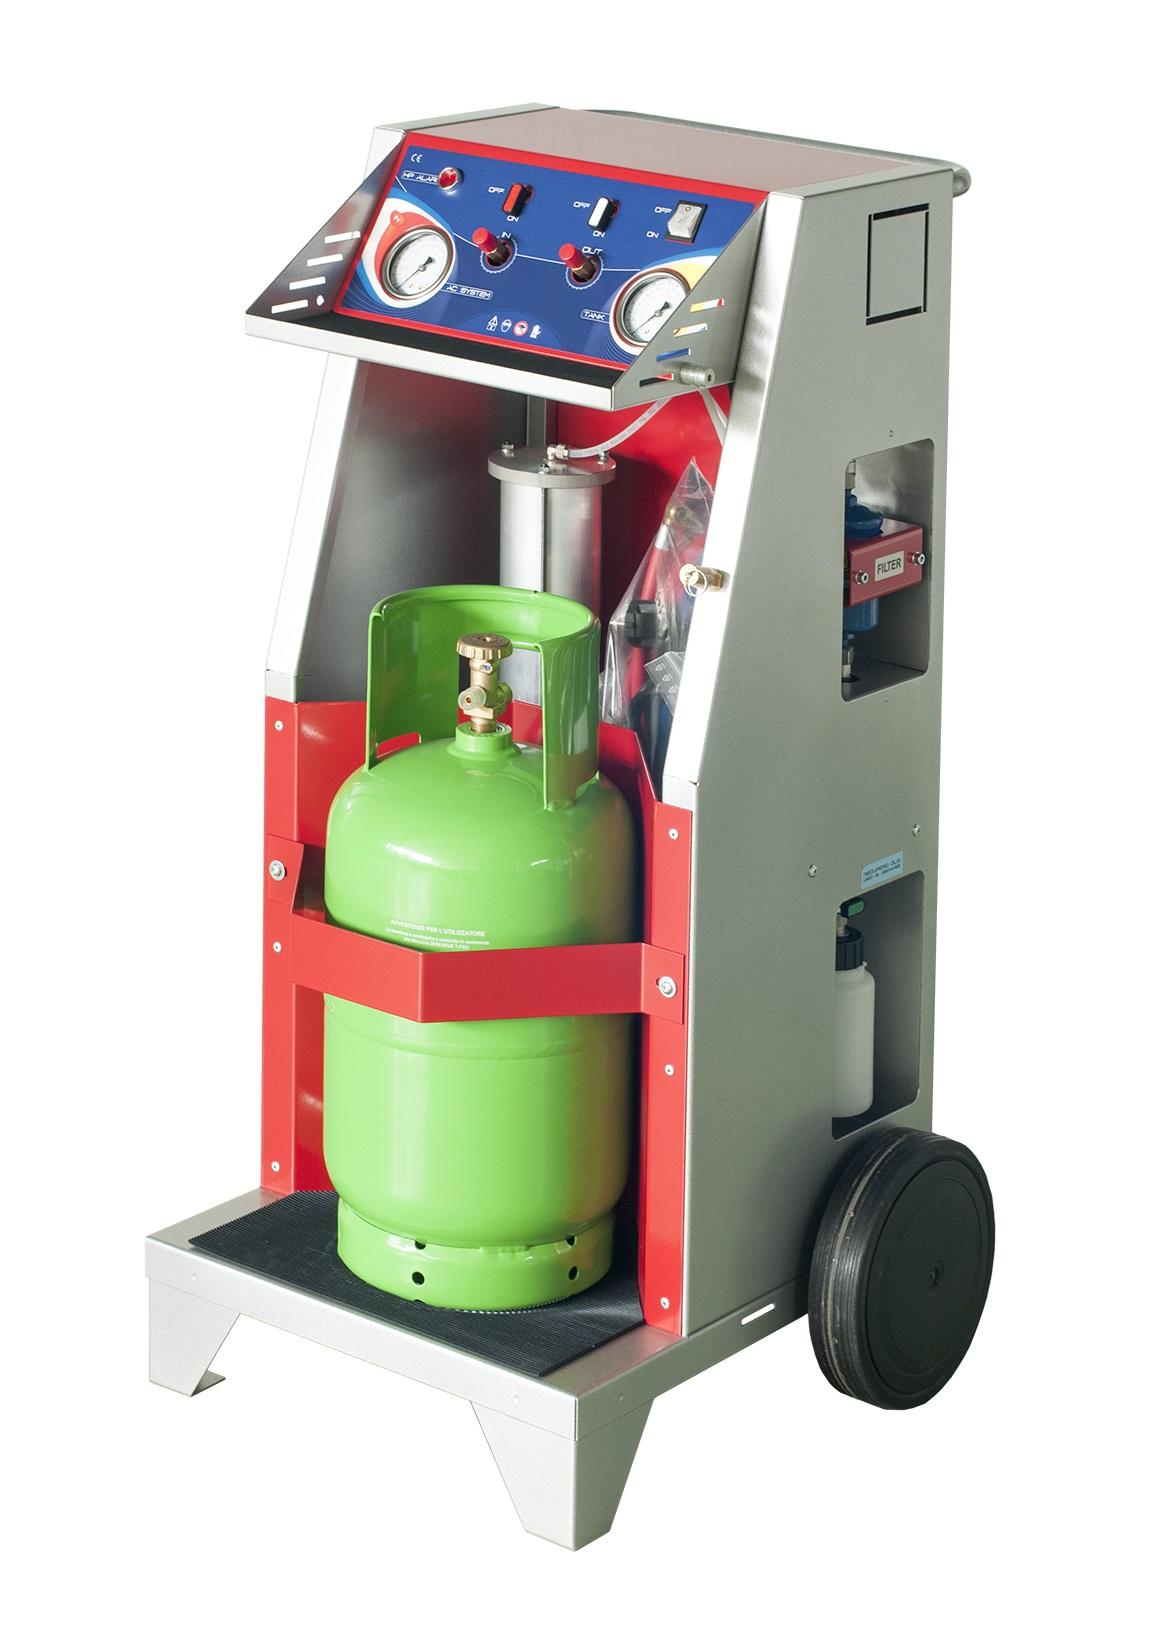 Stazione di recupero e riciclo per gas refrigeranti carrellata